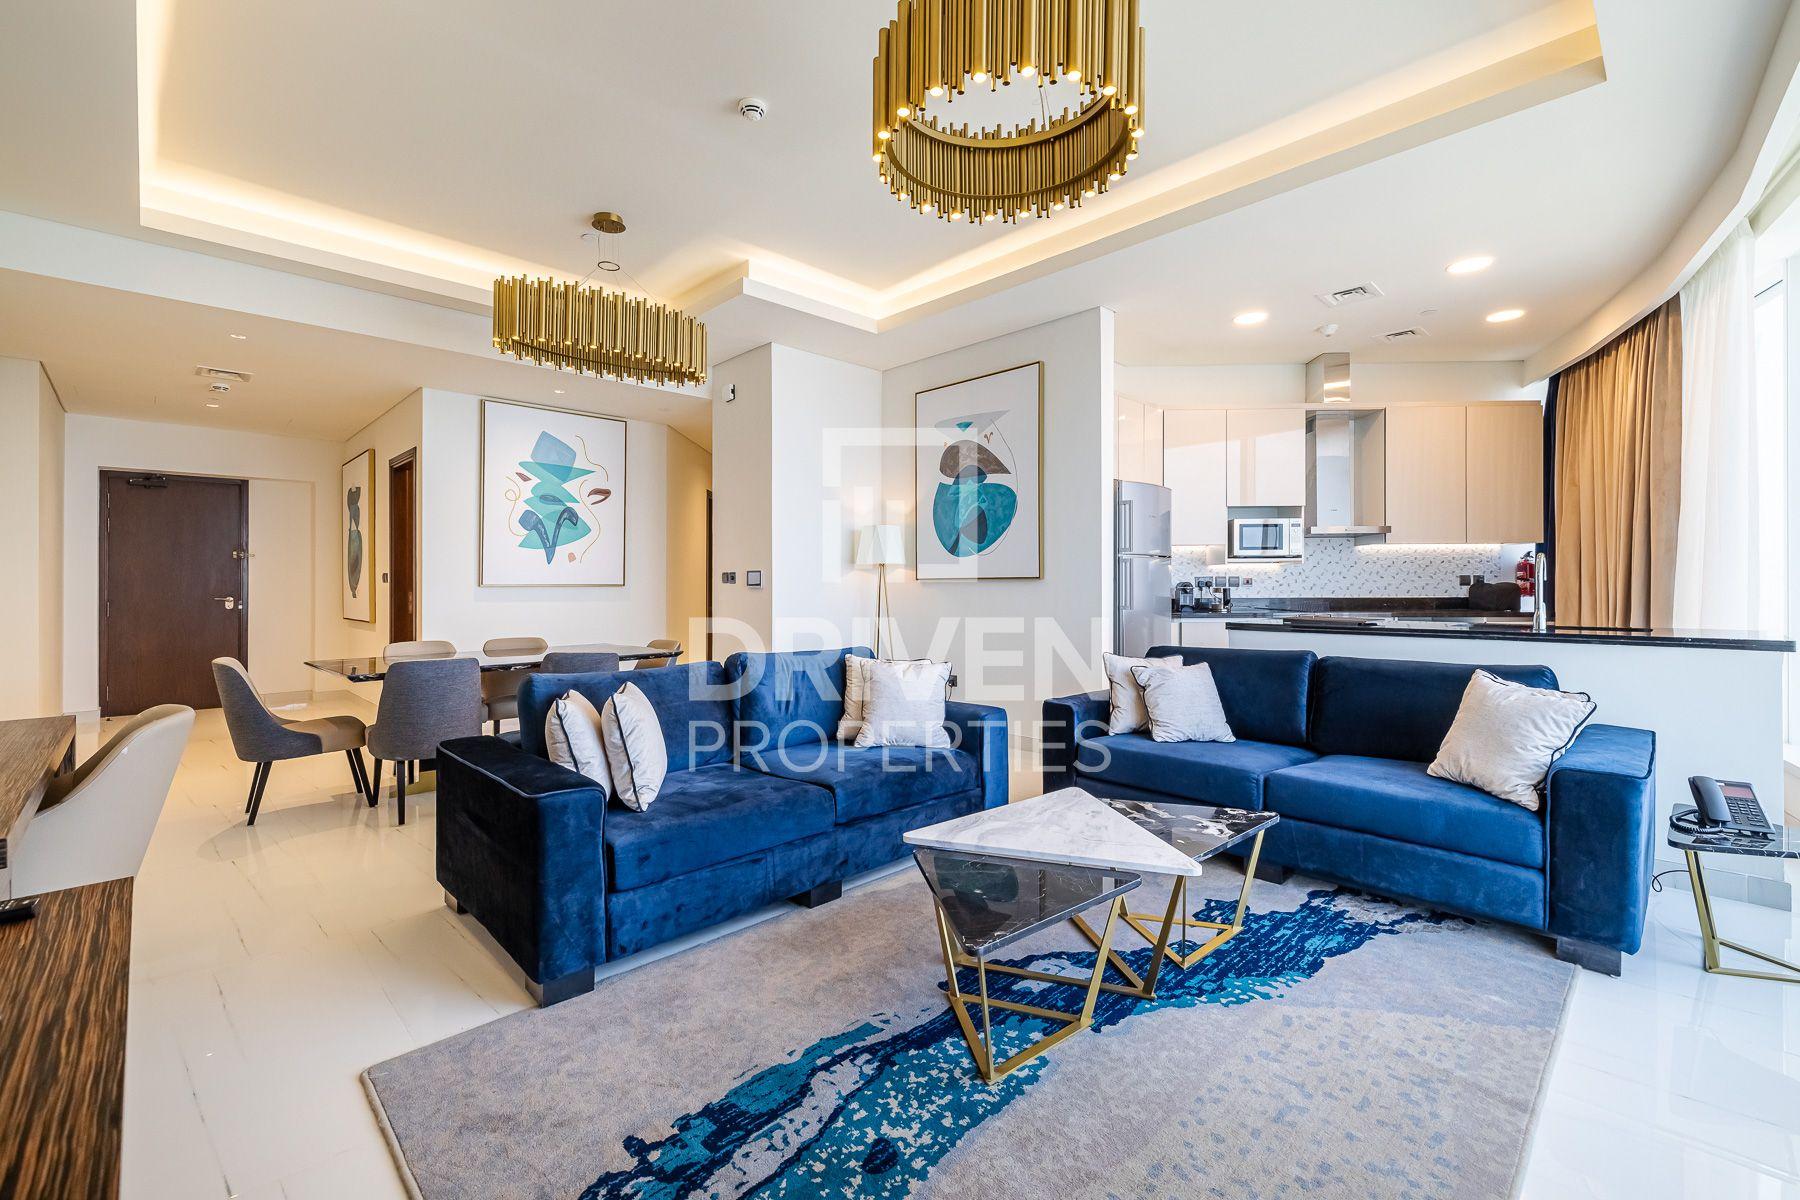 1,579 قدم مربع  شقة - للايجار - مدينة دبي الإعلامية